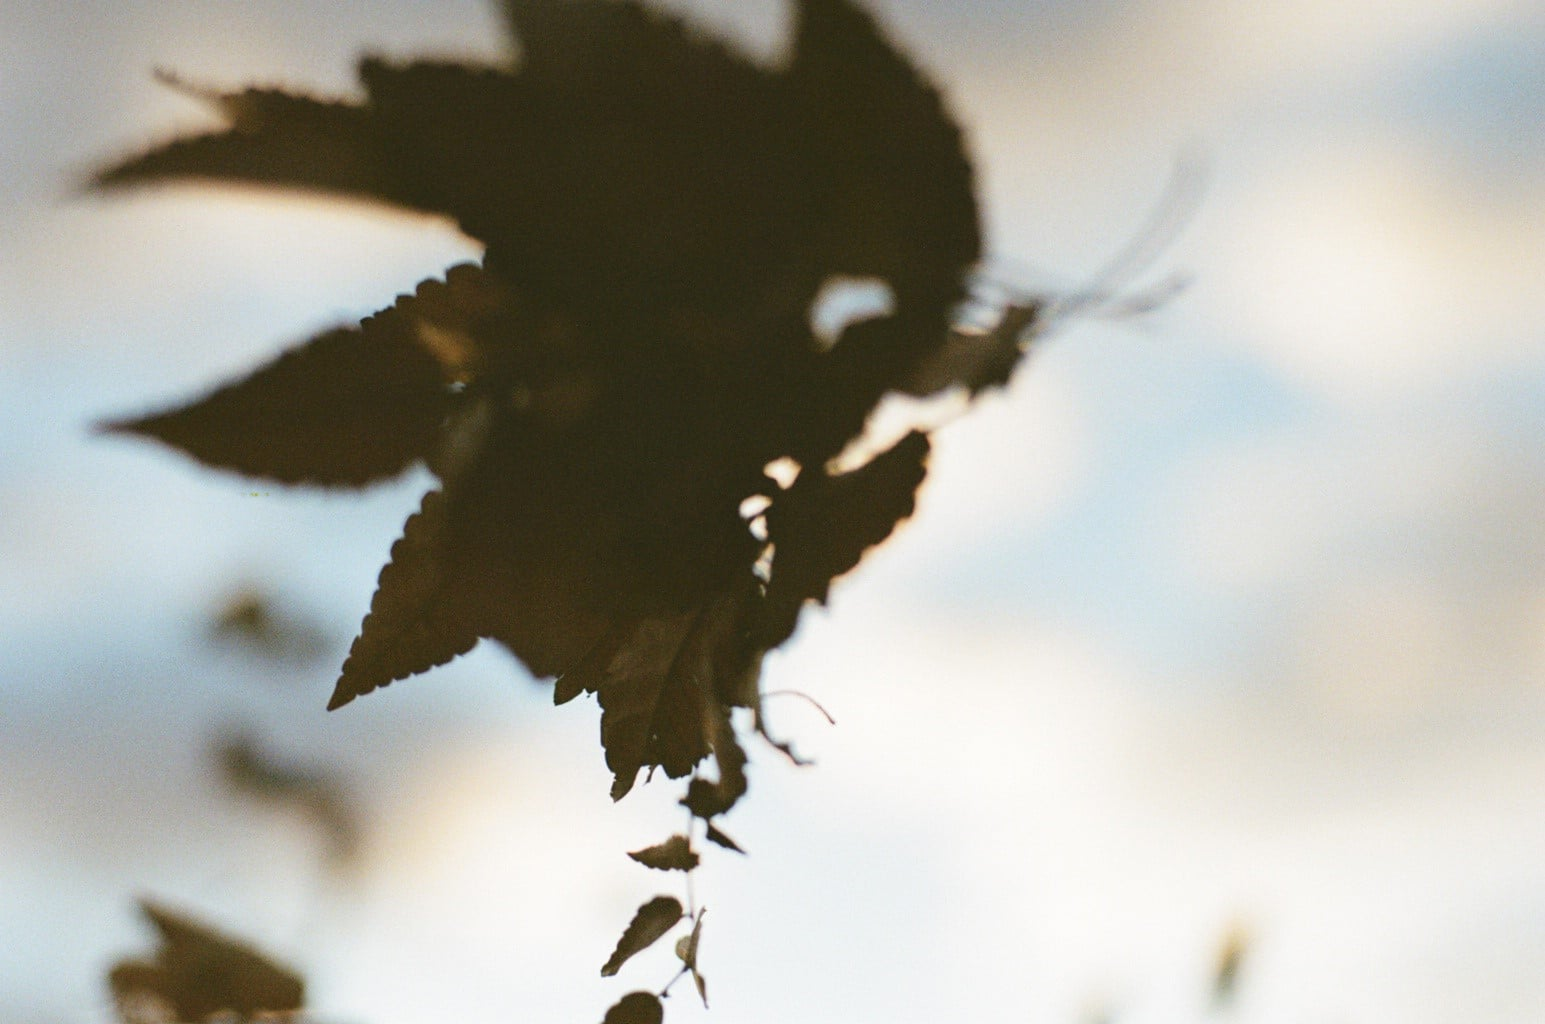 小雪イメージ 落葉